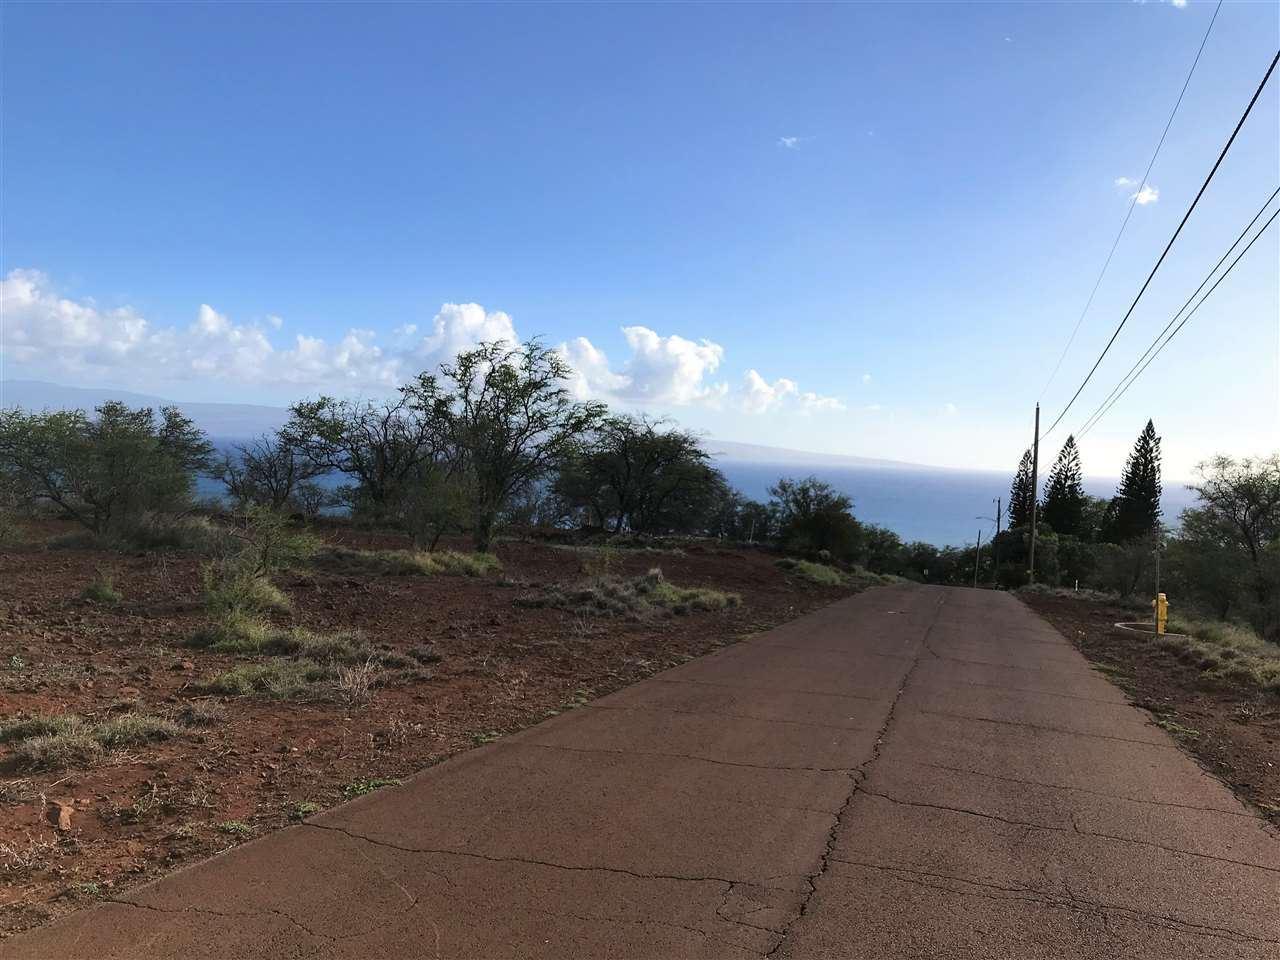 Photo of Ulua Rd, Kaunakakai, HI 96748 (MLS # 386250)